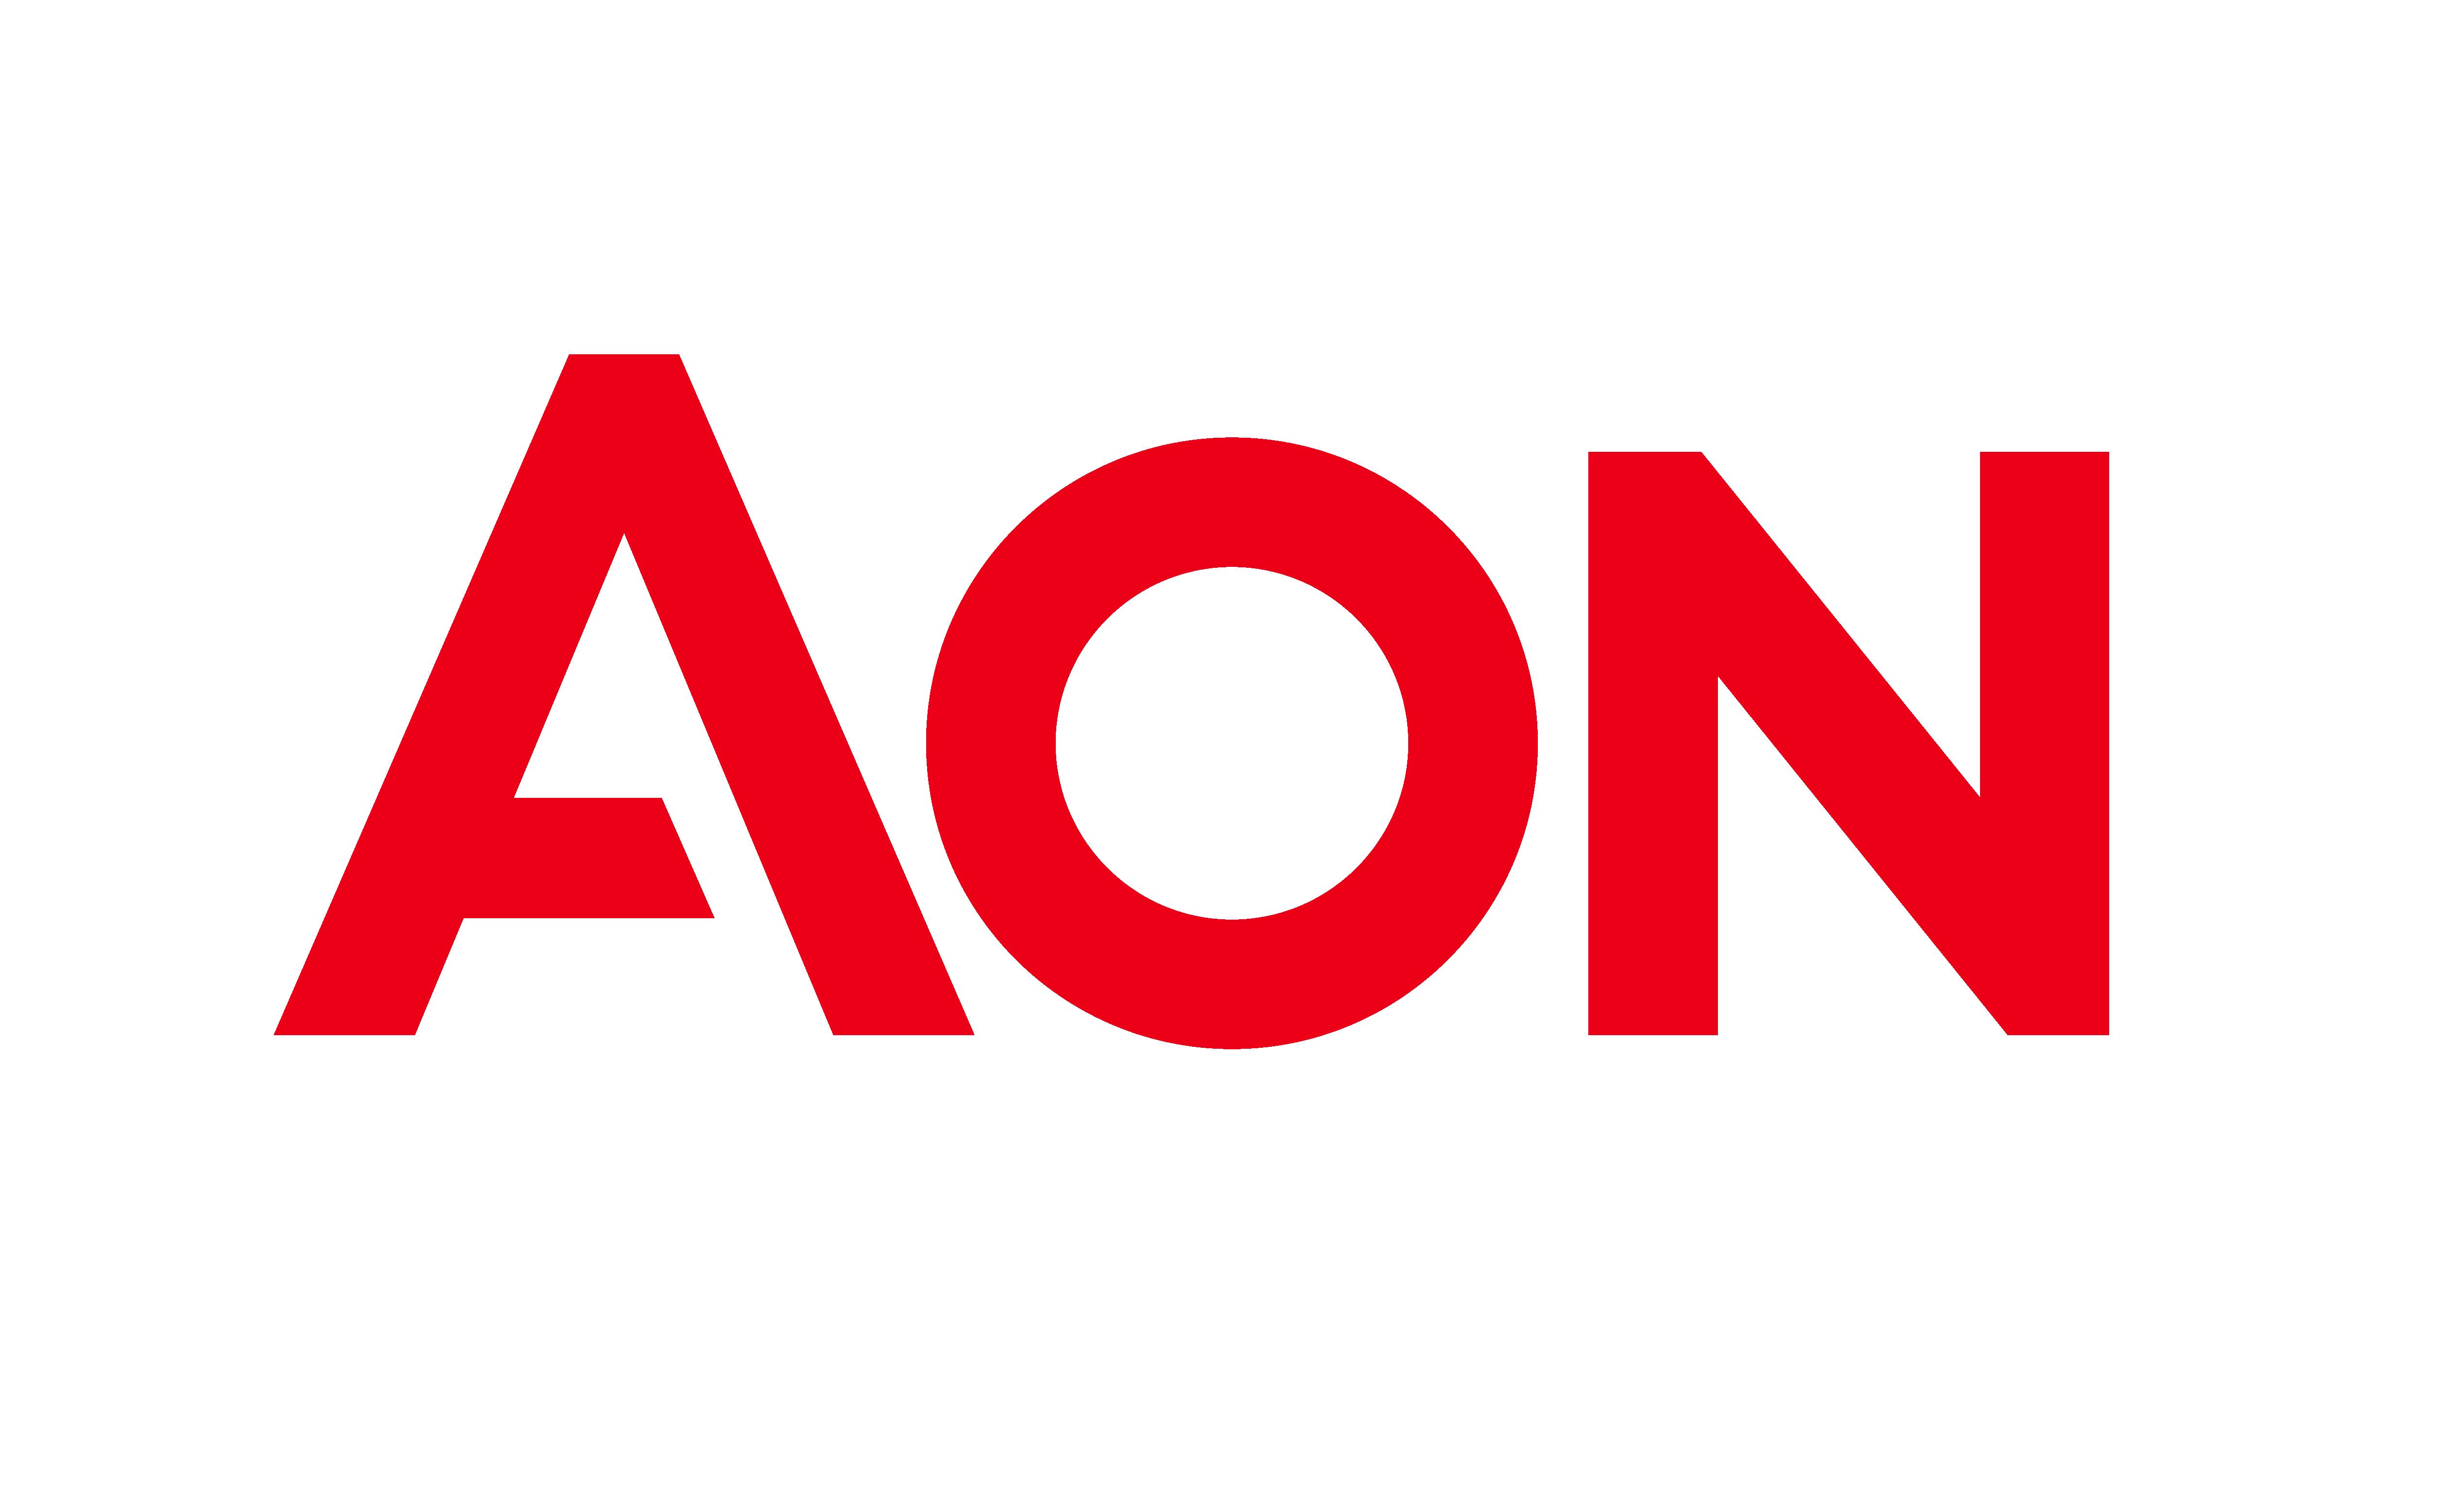 Logo da AON com as fontes em vermelho no fundo branco